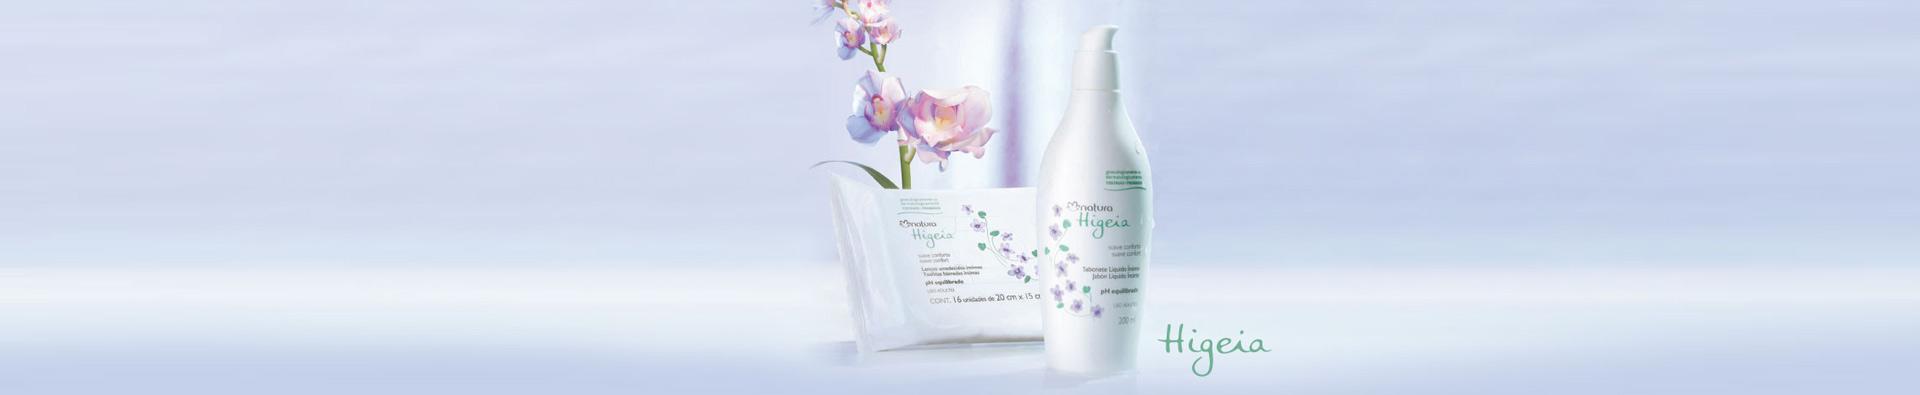 Productos higeia y flores presentados sobre base recta.